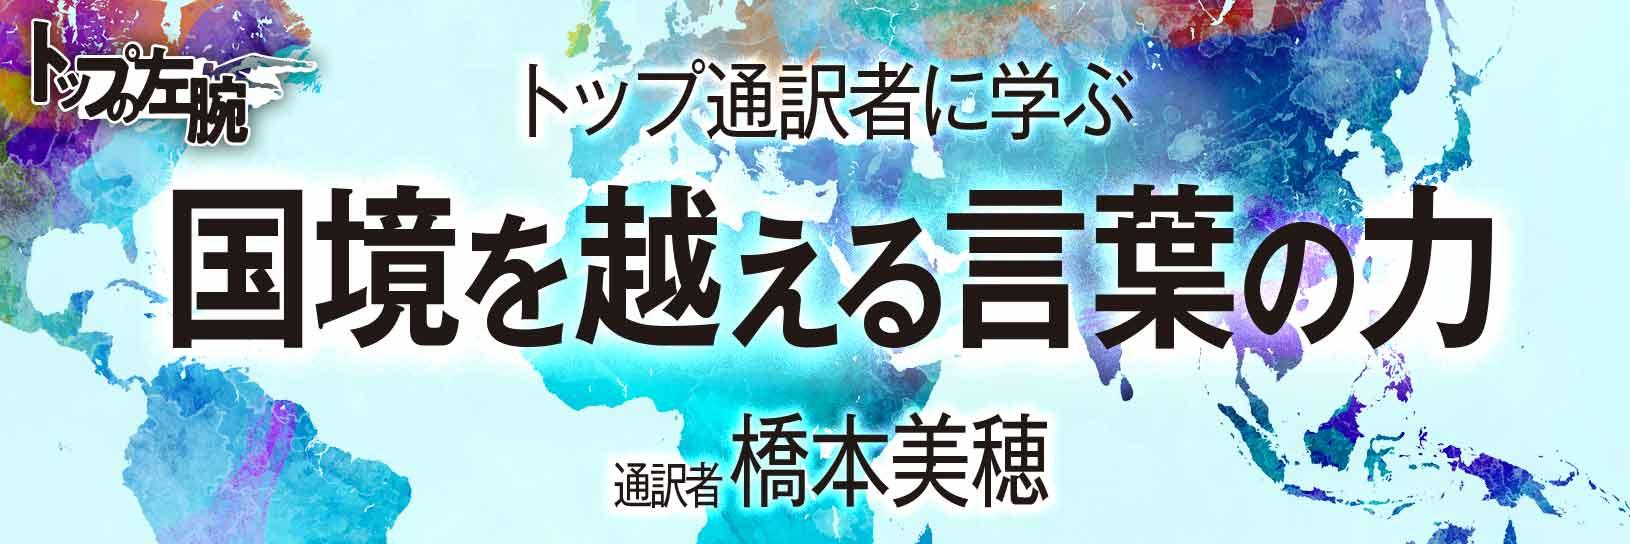 異端会議Vol.12_main_c3